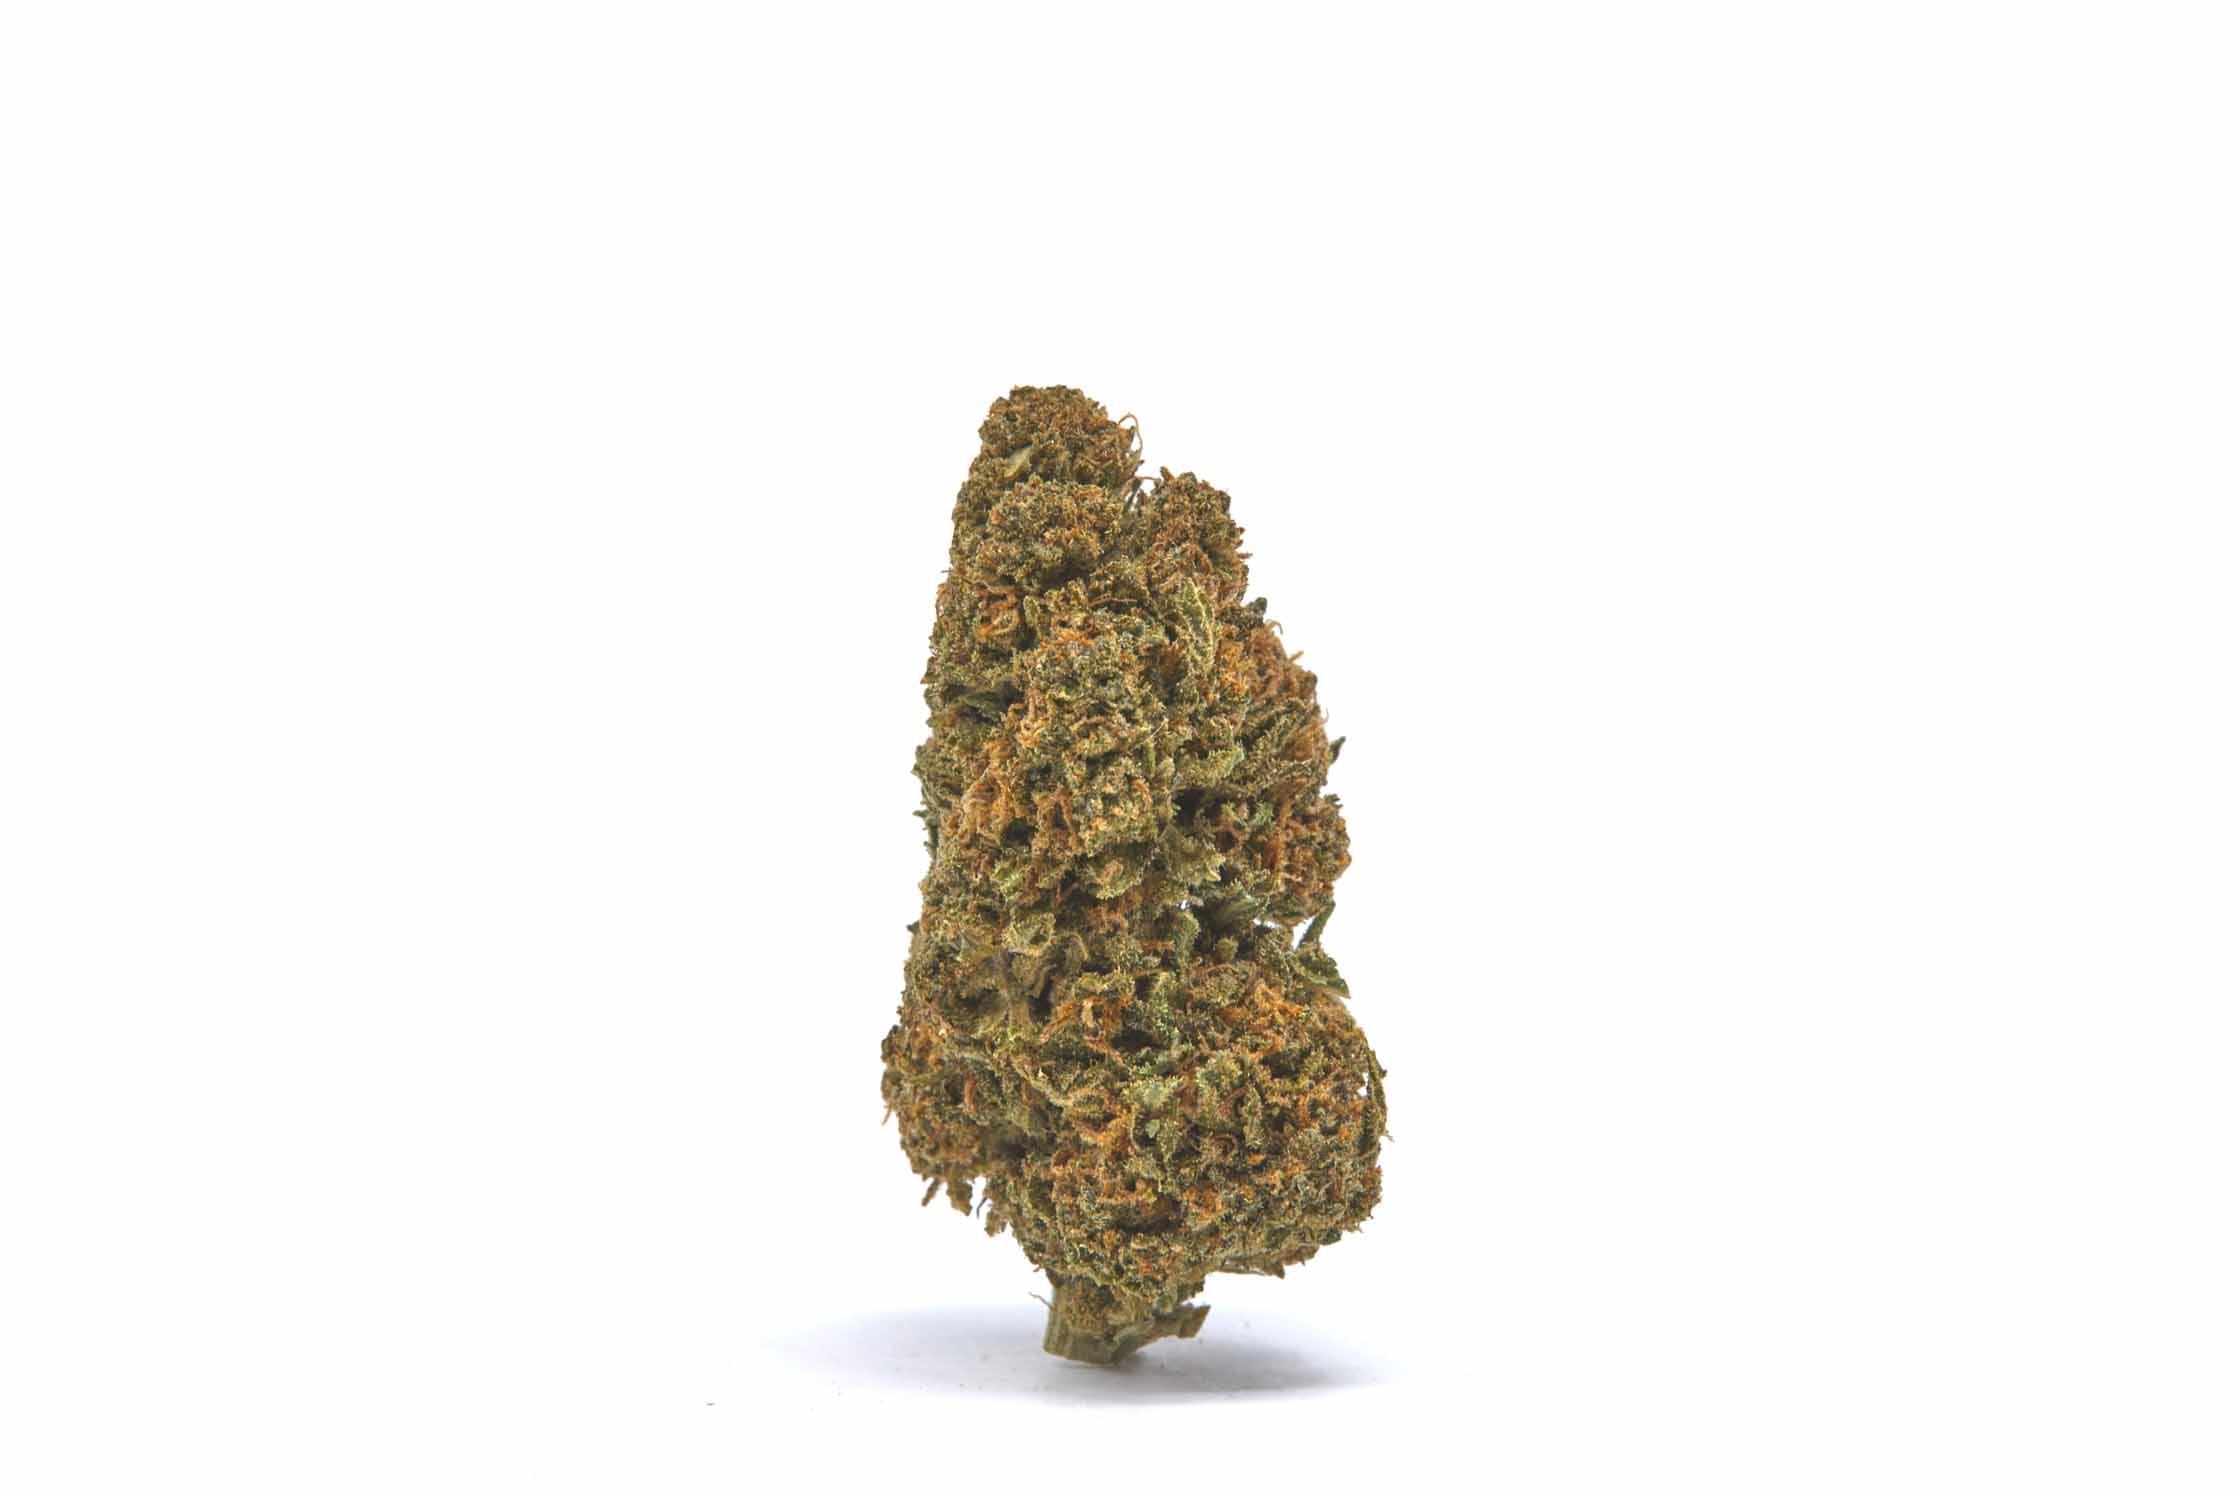 Ivanka CBD hemp flower for sale online